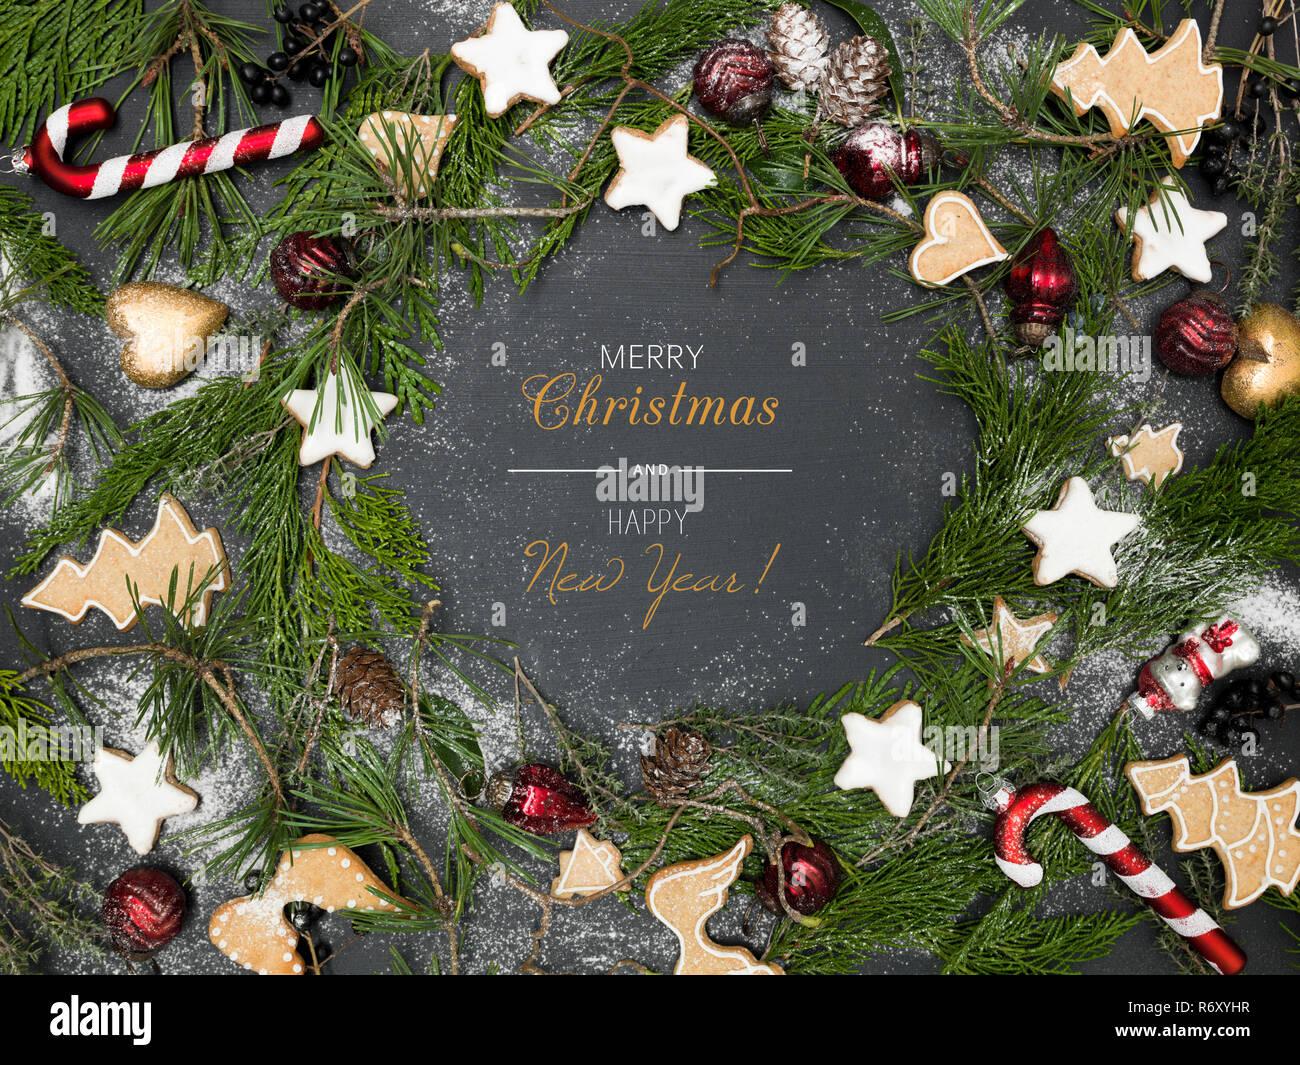 Immagini Con Scritte Di Buon Natale.Ghirlanda Di Natale Con Articoli Natalizi Sulla Lavagna Nera